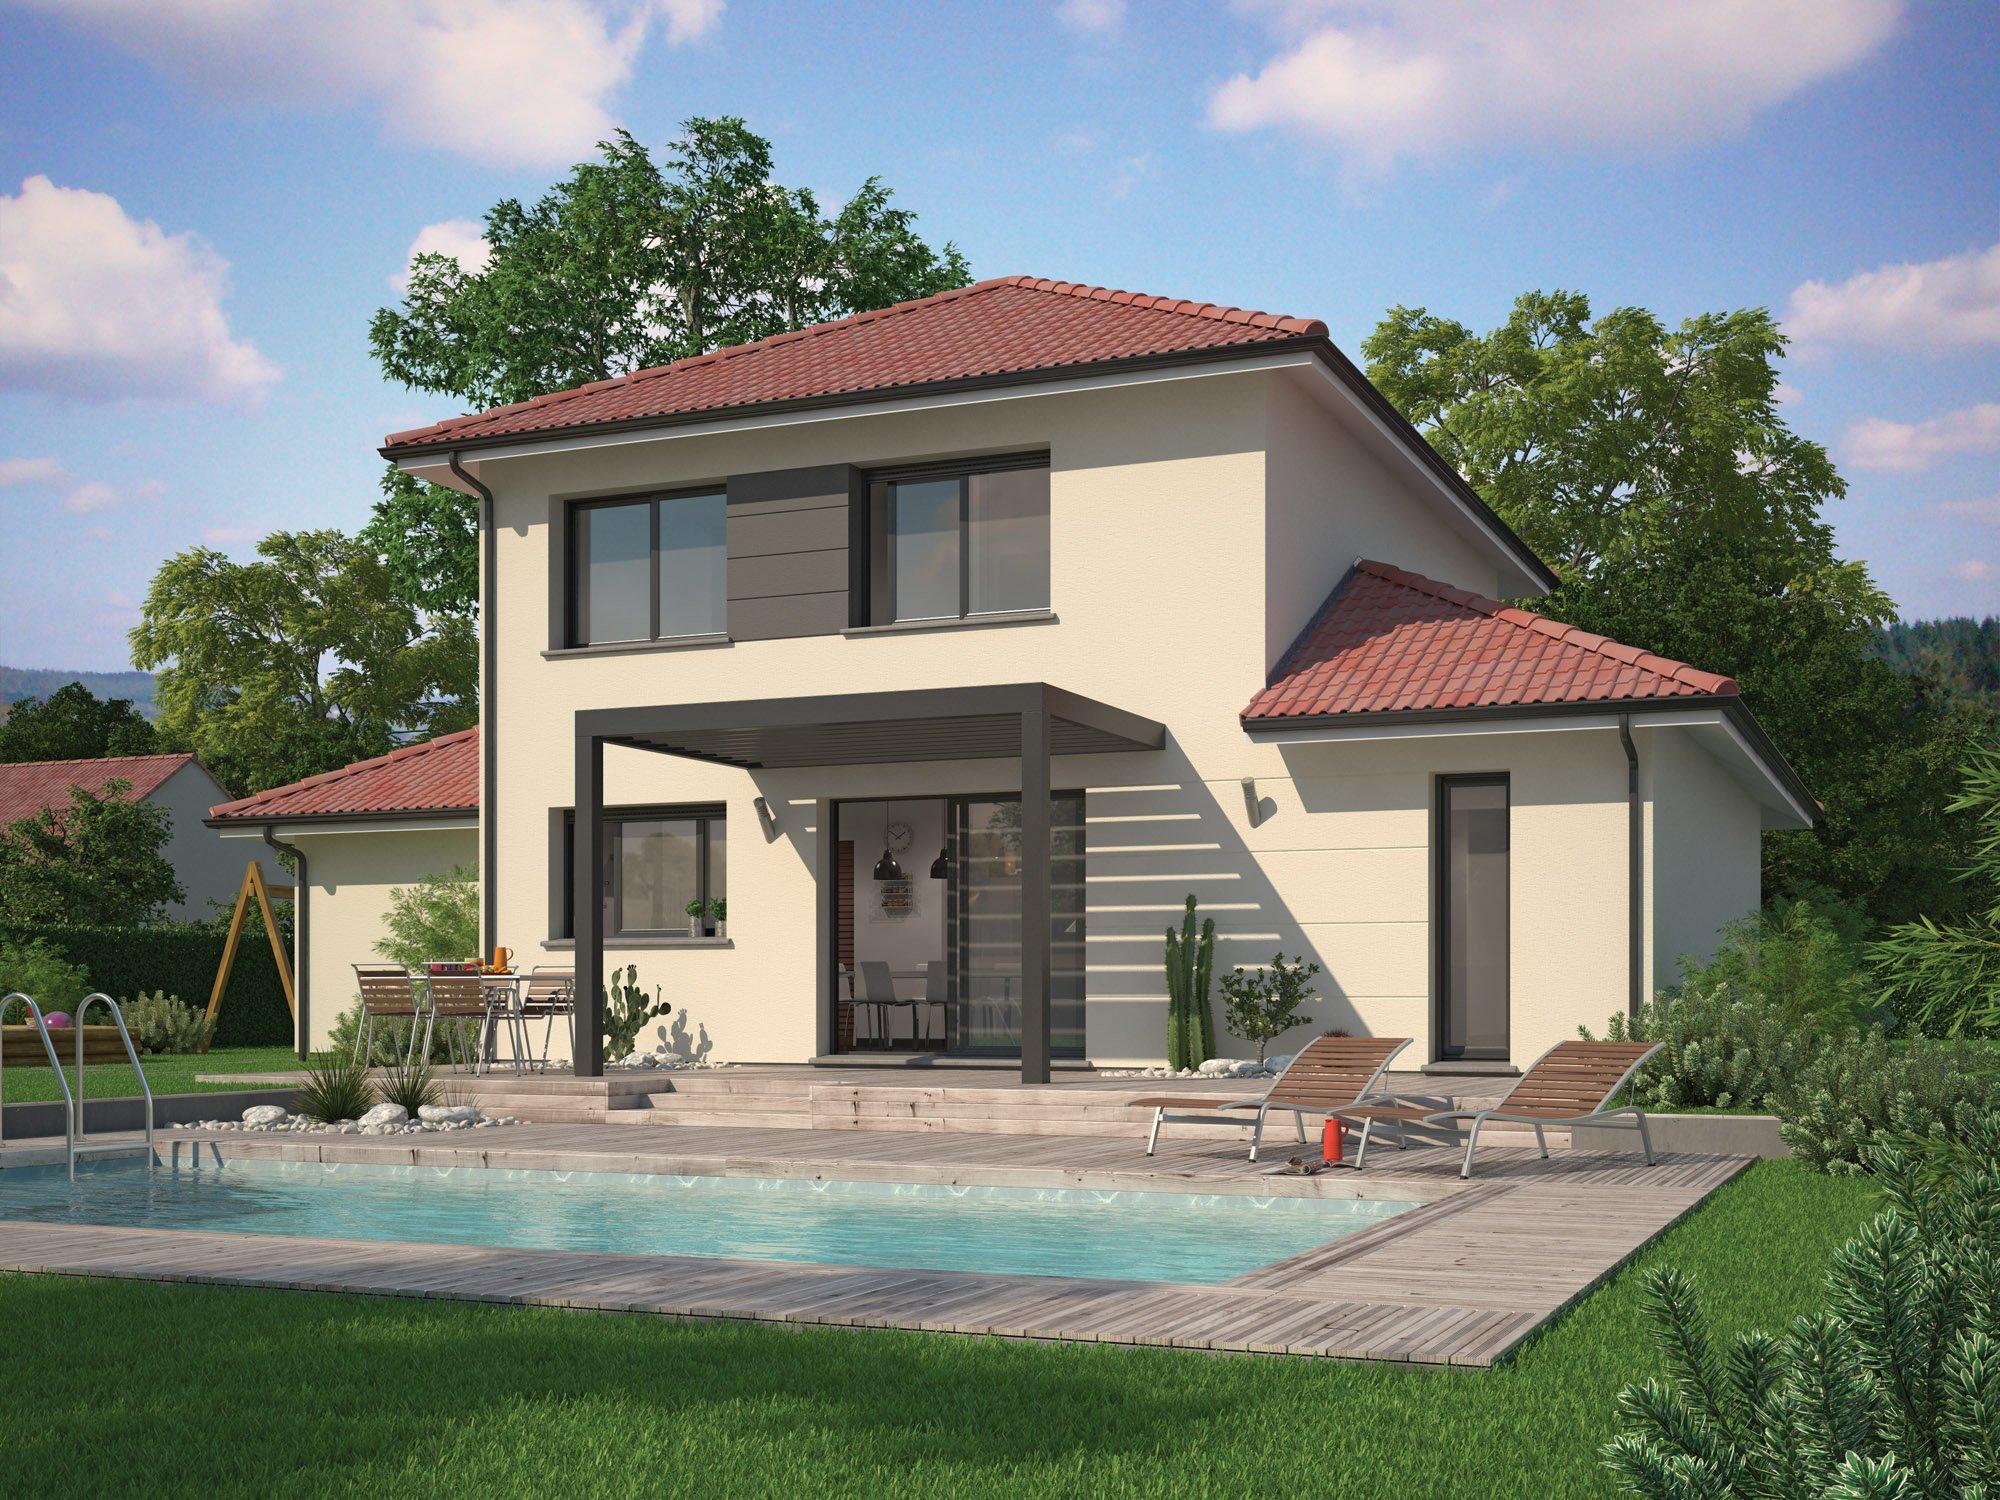 Maisons + Terrains du constructeur Maisons familiales Échirolles • 116 m² • VILLARD BONNOT